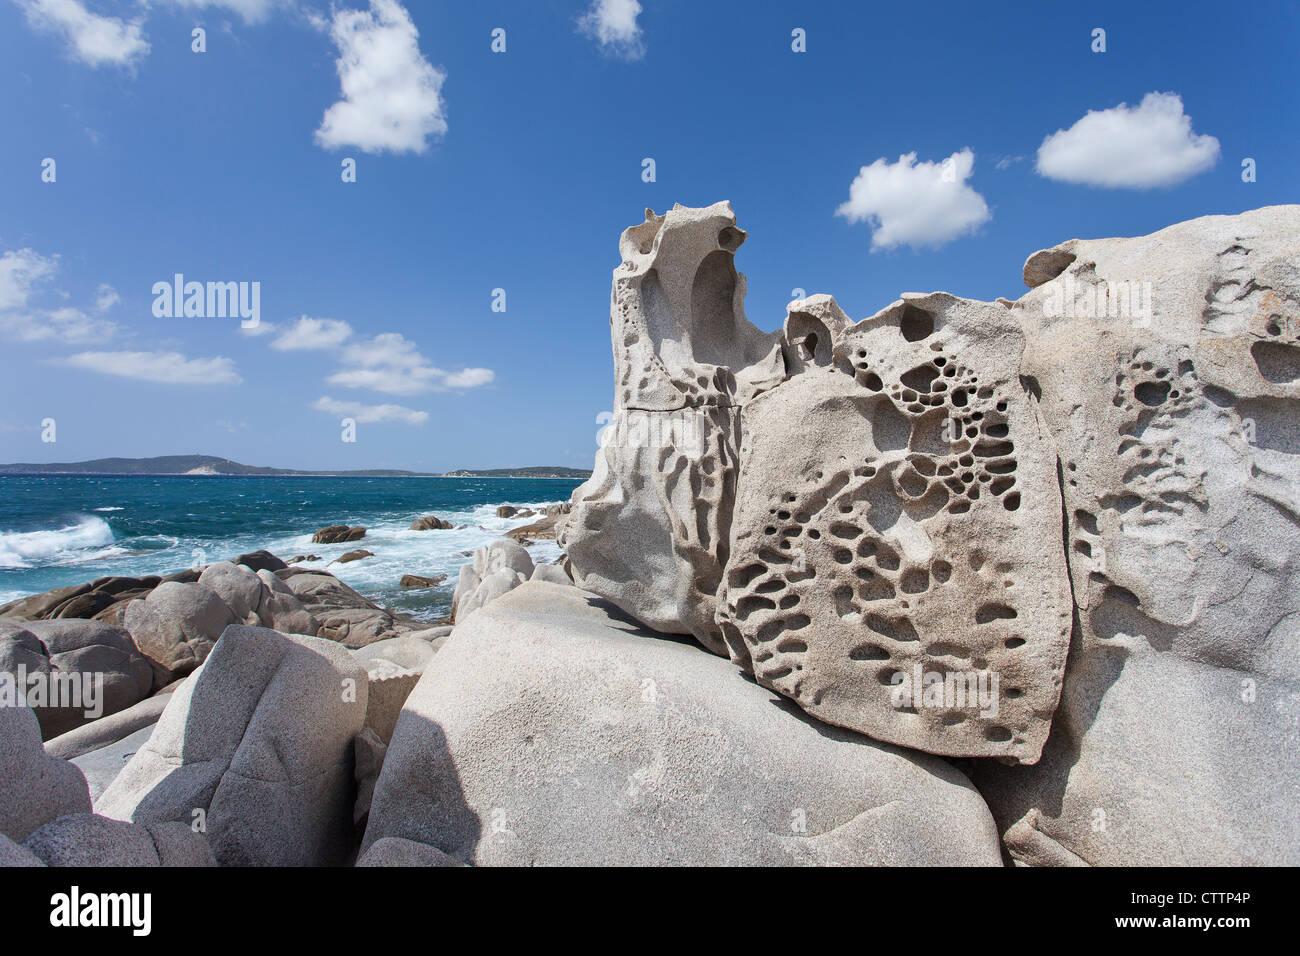 Sea of Sardinia - Stock Image